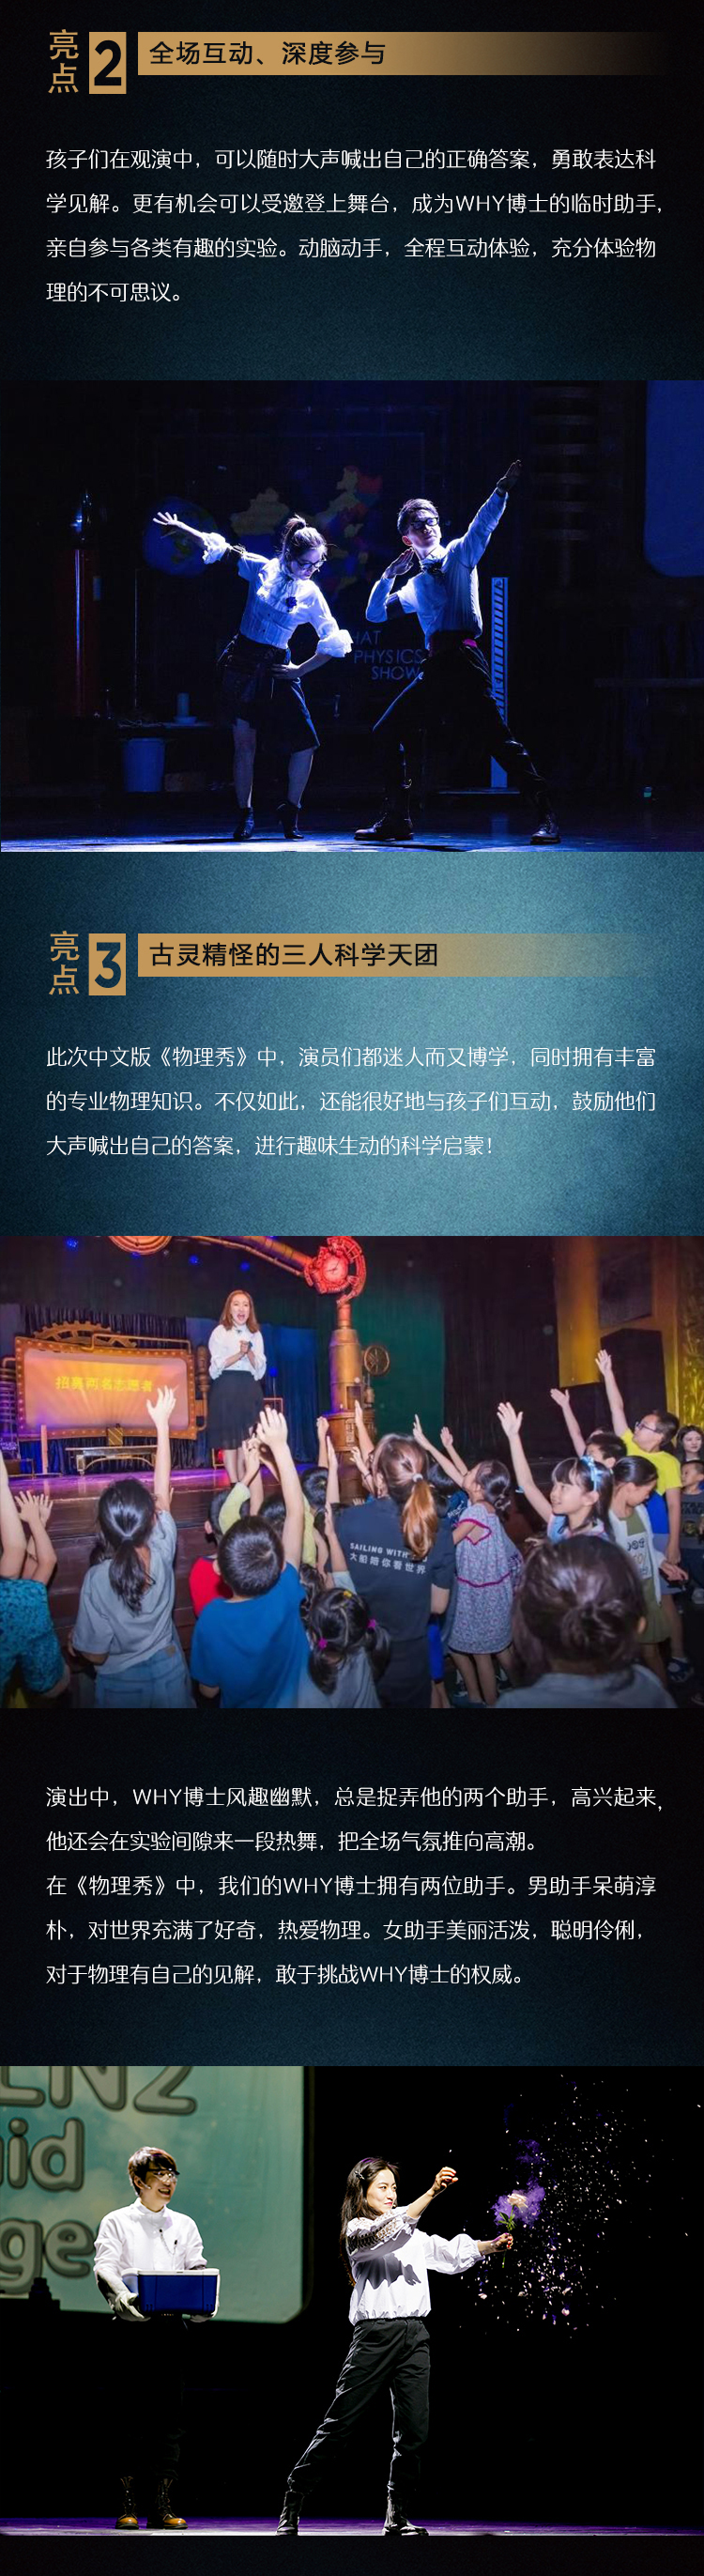 2021趣味科学启蒙·百老汇互动亲子科学剧《物理秀》中文版-天津站